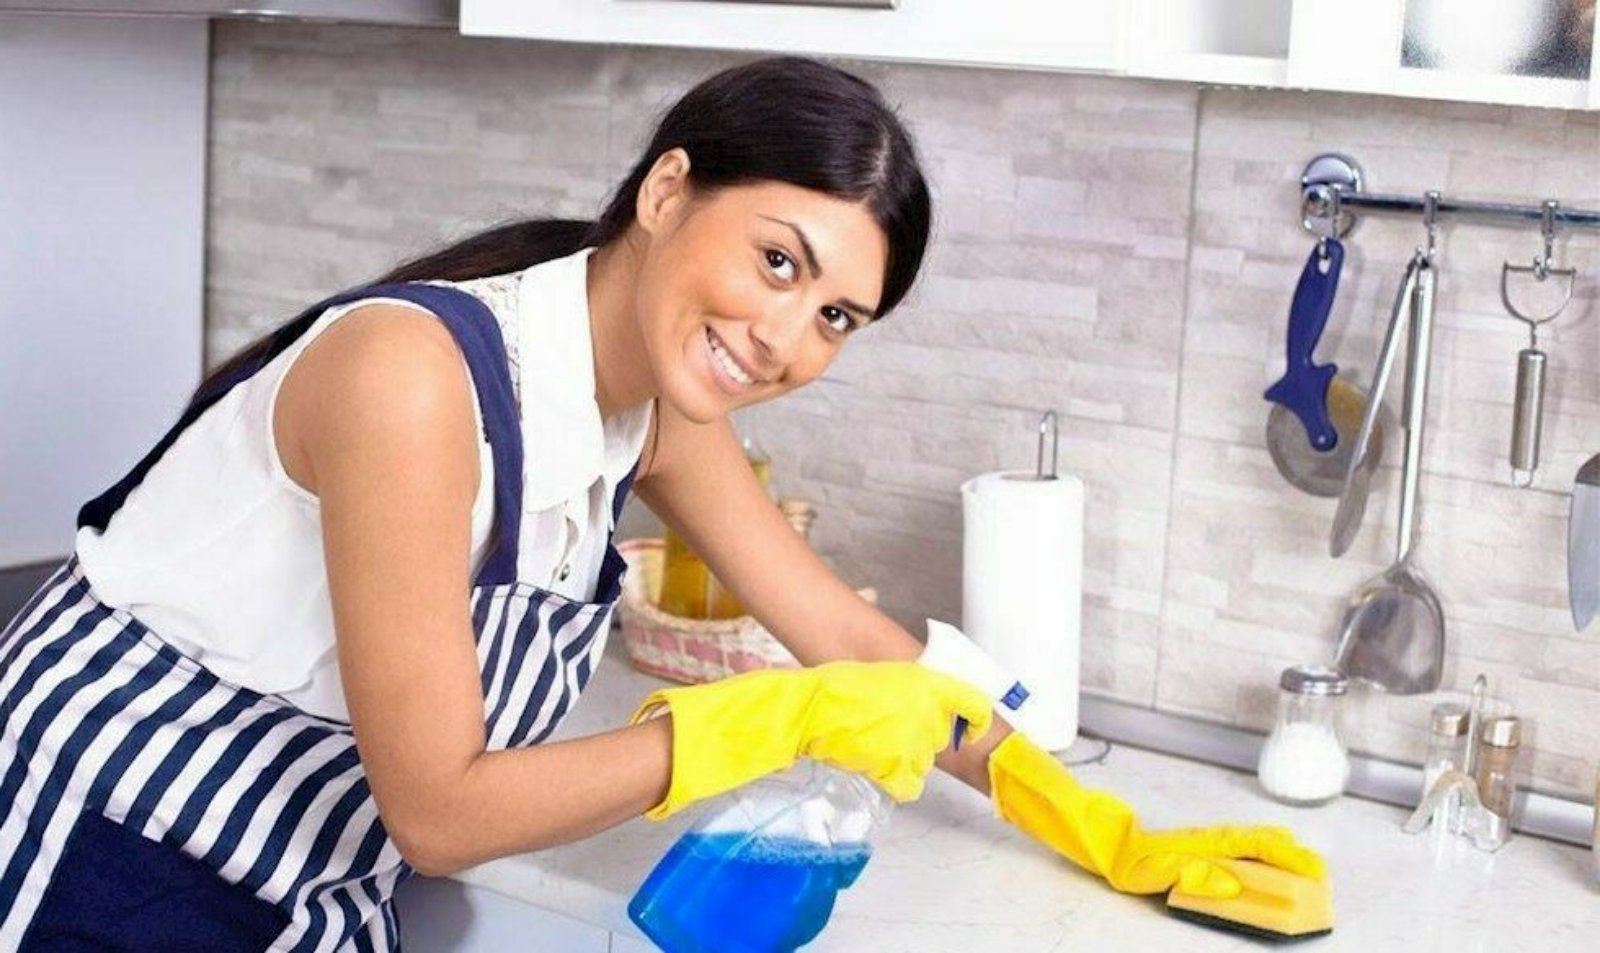 статика для вакансий 1 - Горничная домработница в семью